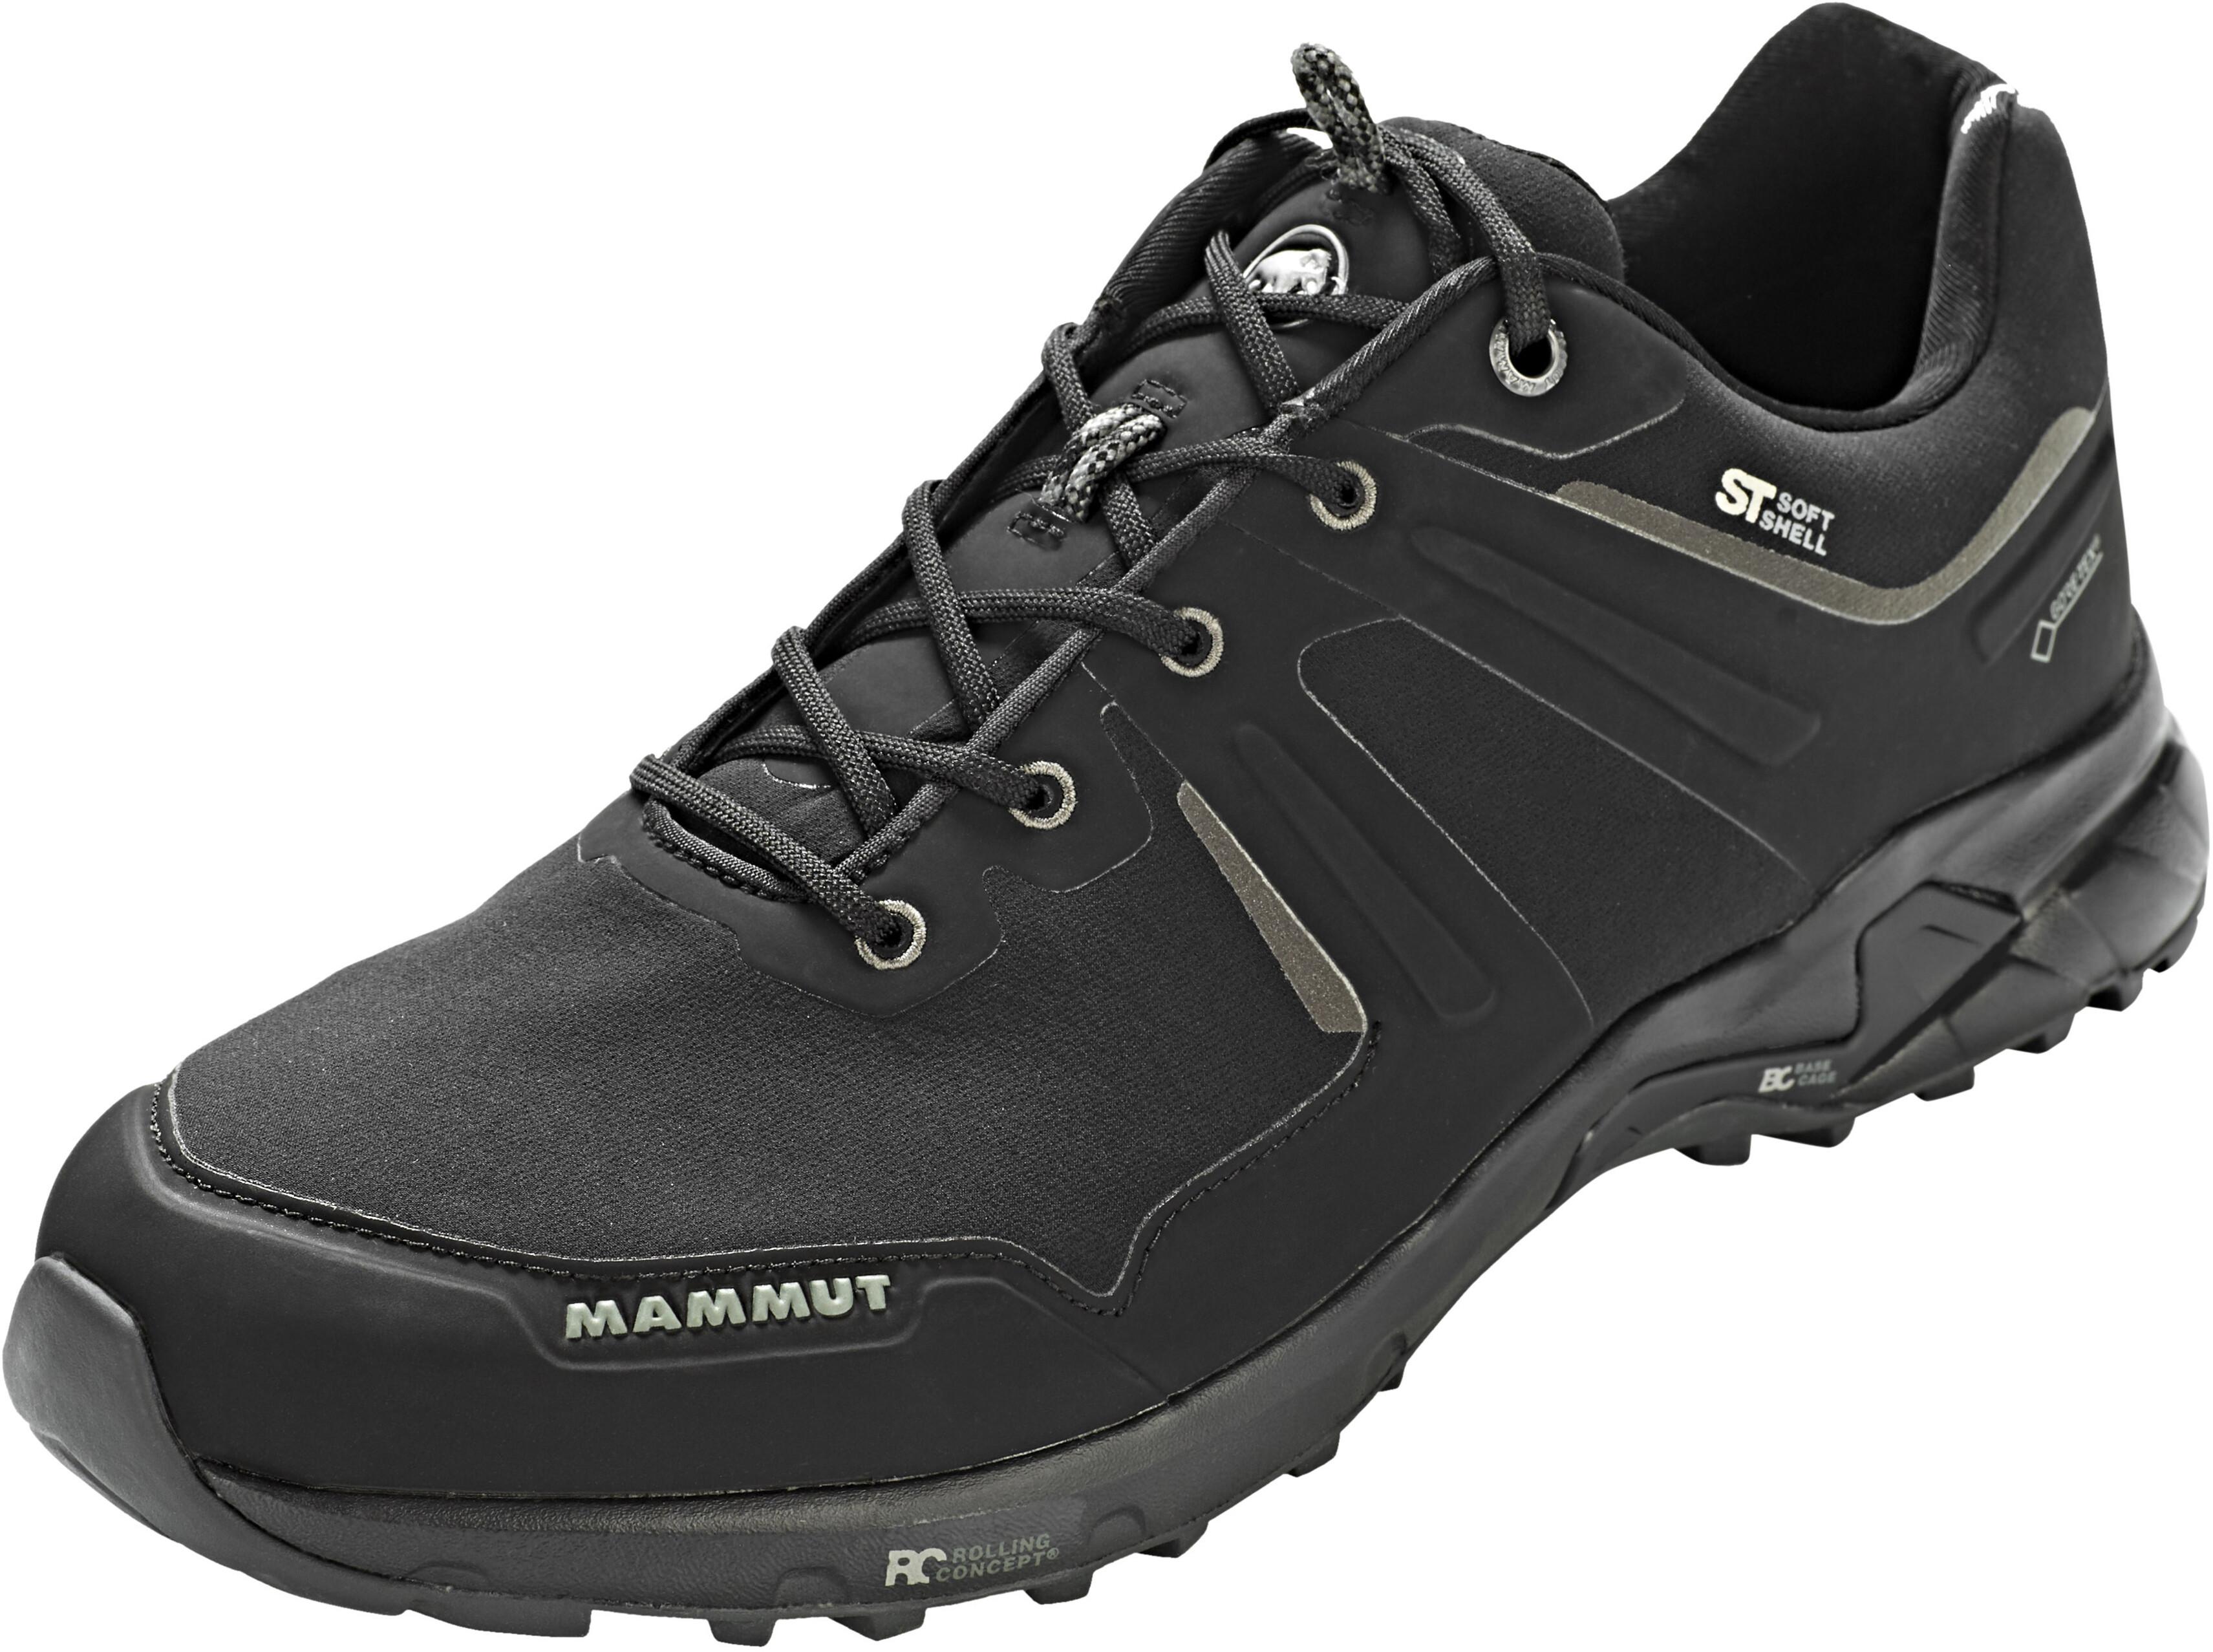 79064e4e6ccb Mammut Ultimate Pro Low GTX Shoes Men black